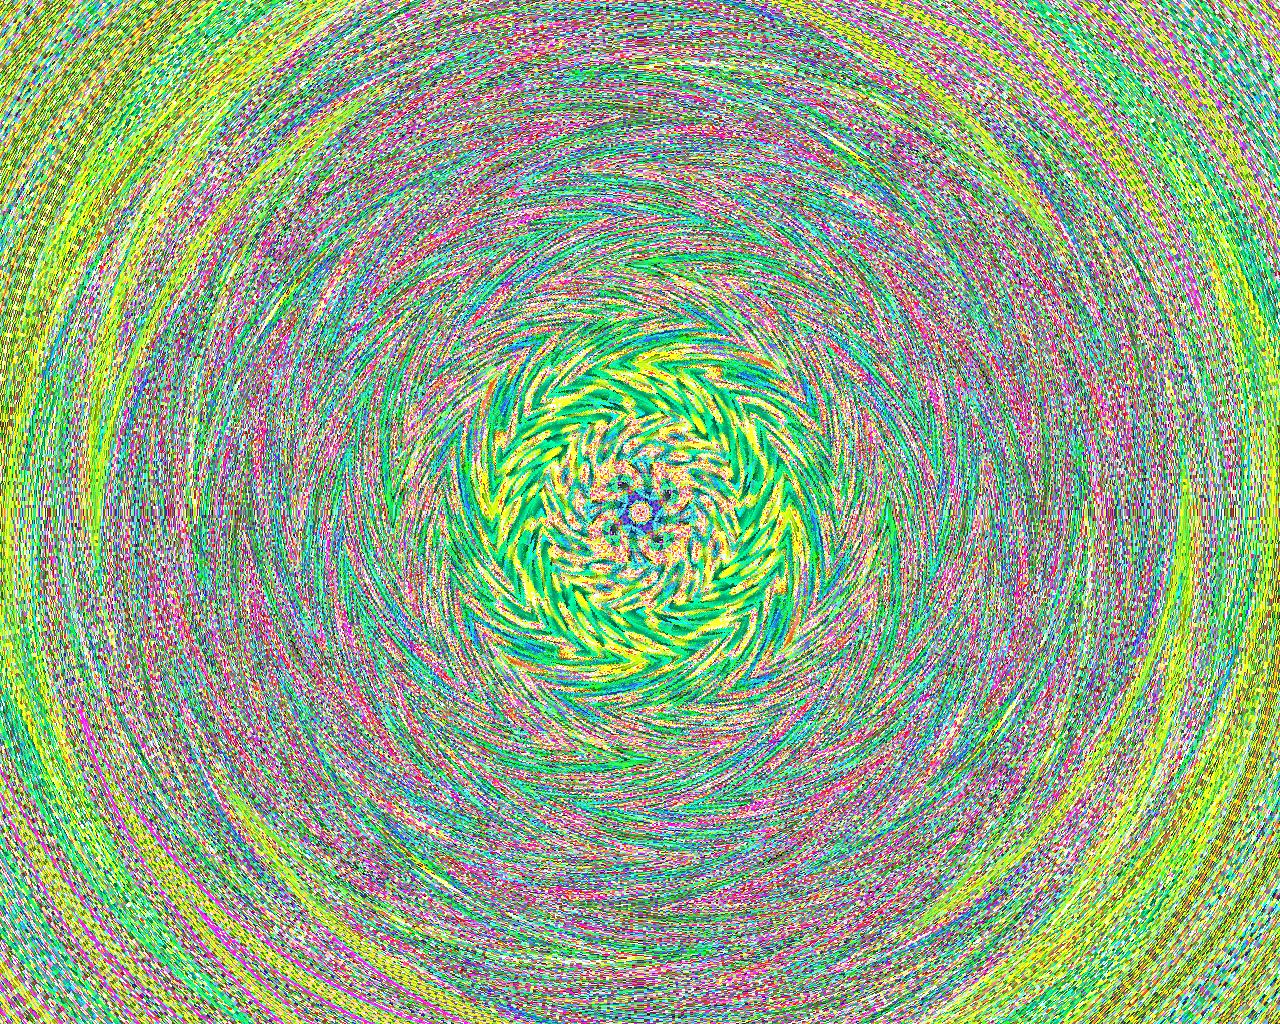 Art ID: 82708